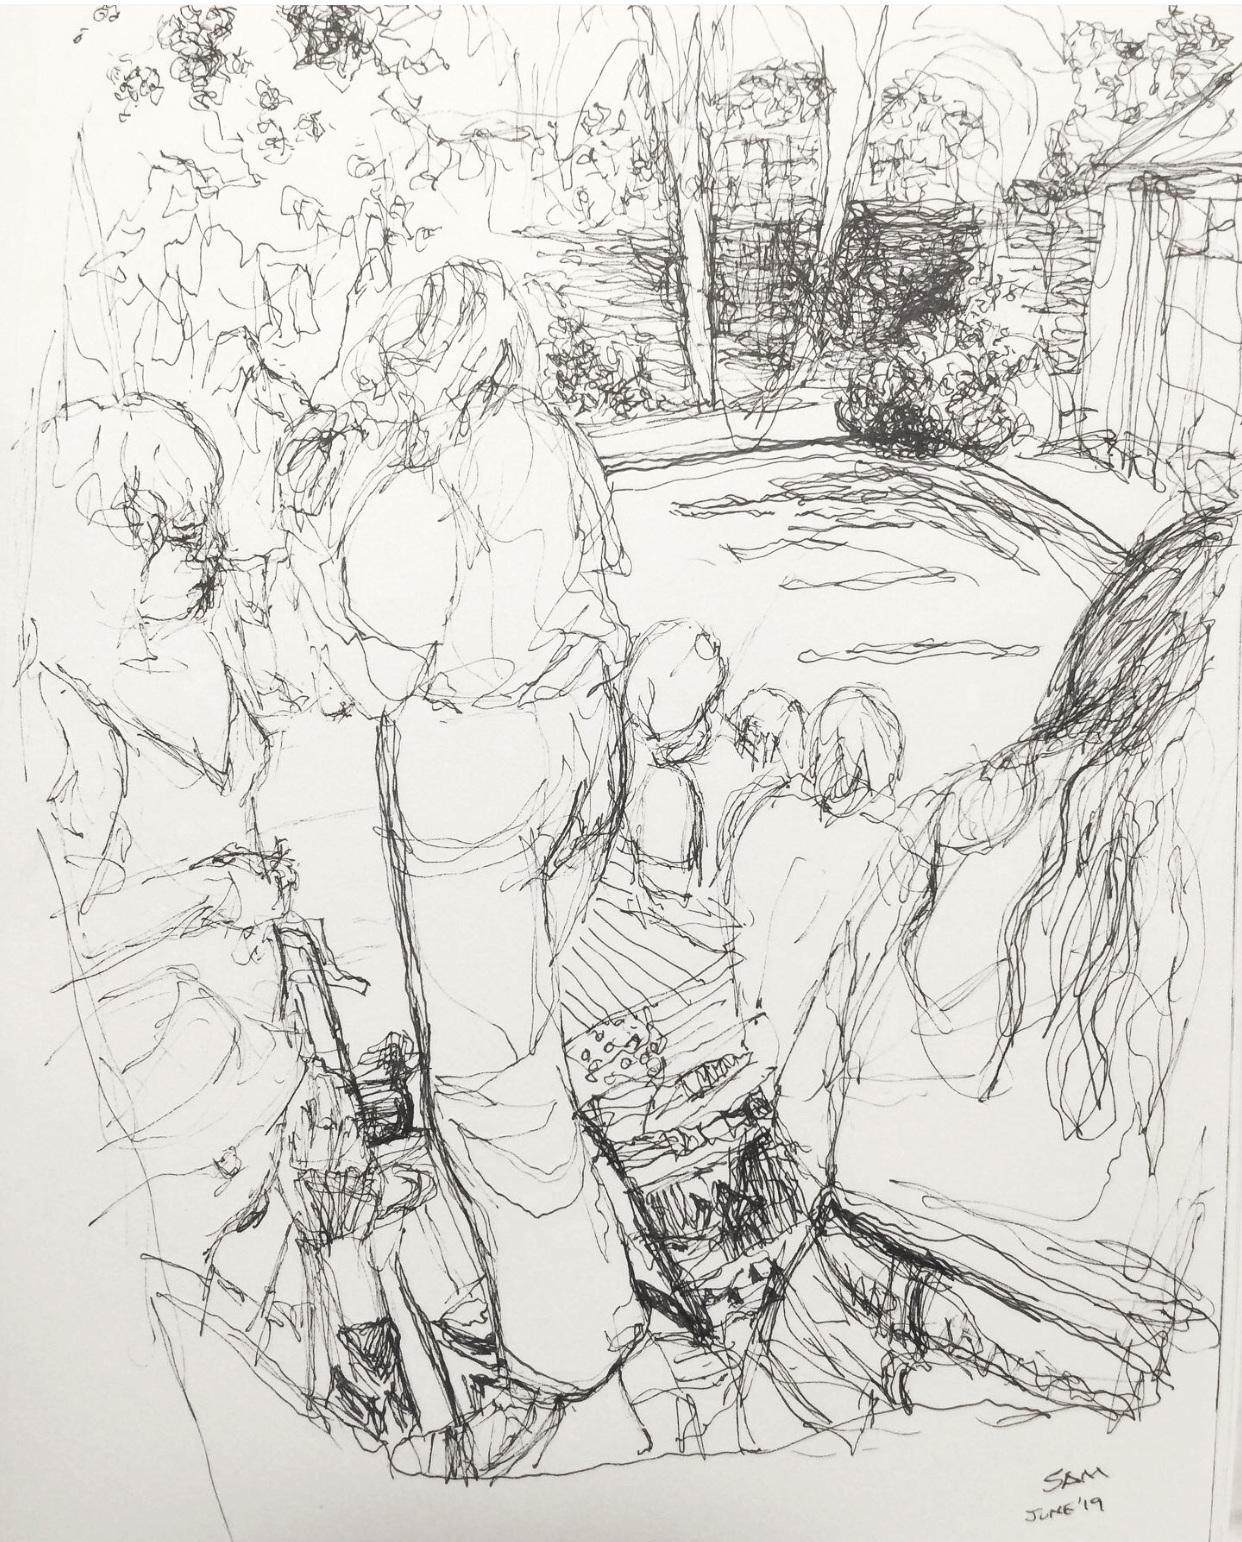 pool party sketch.jpg